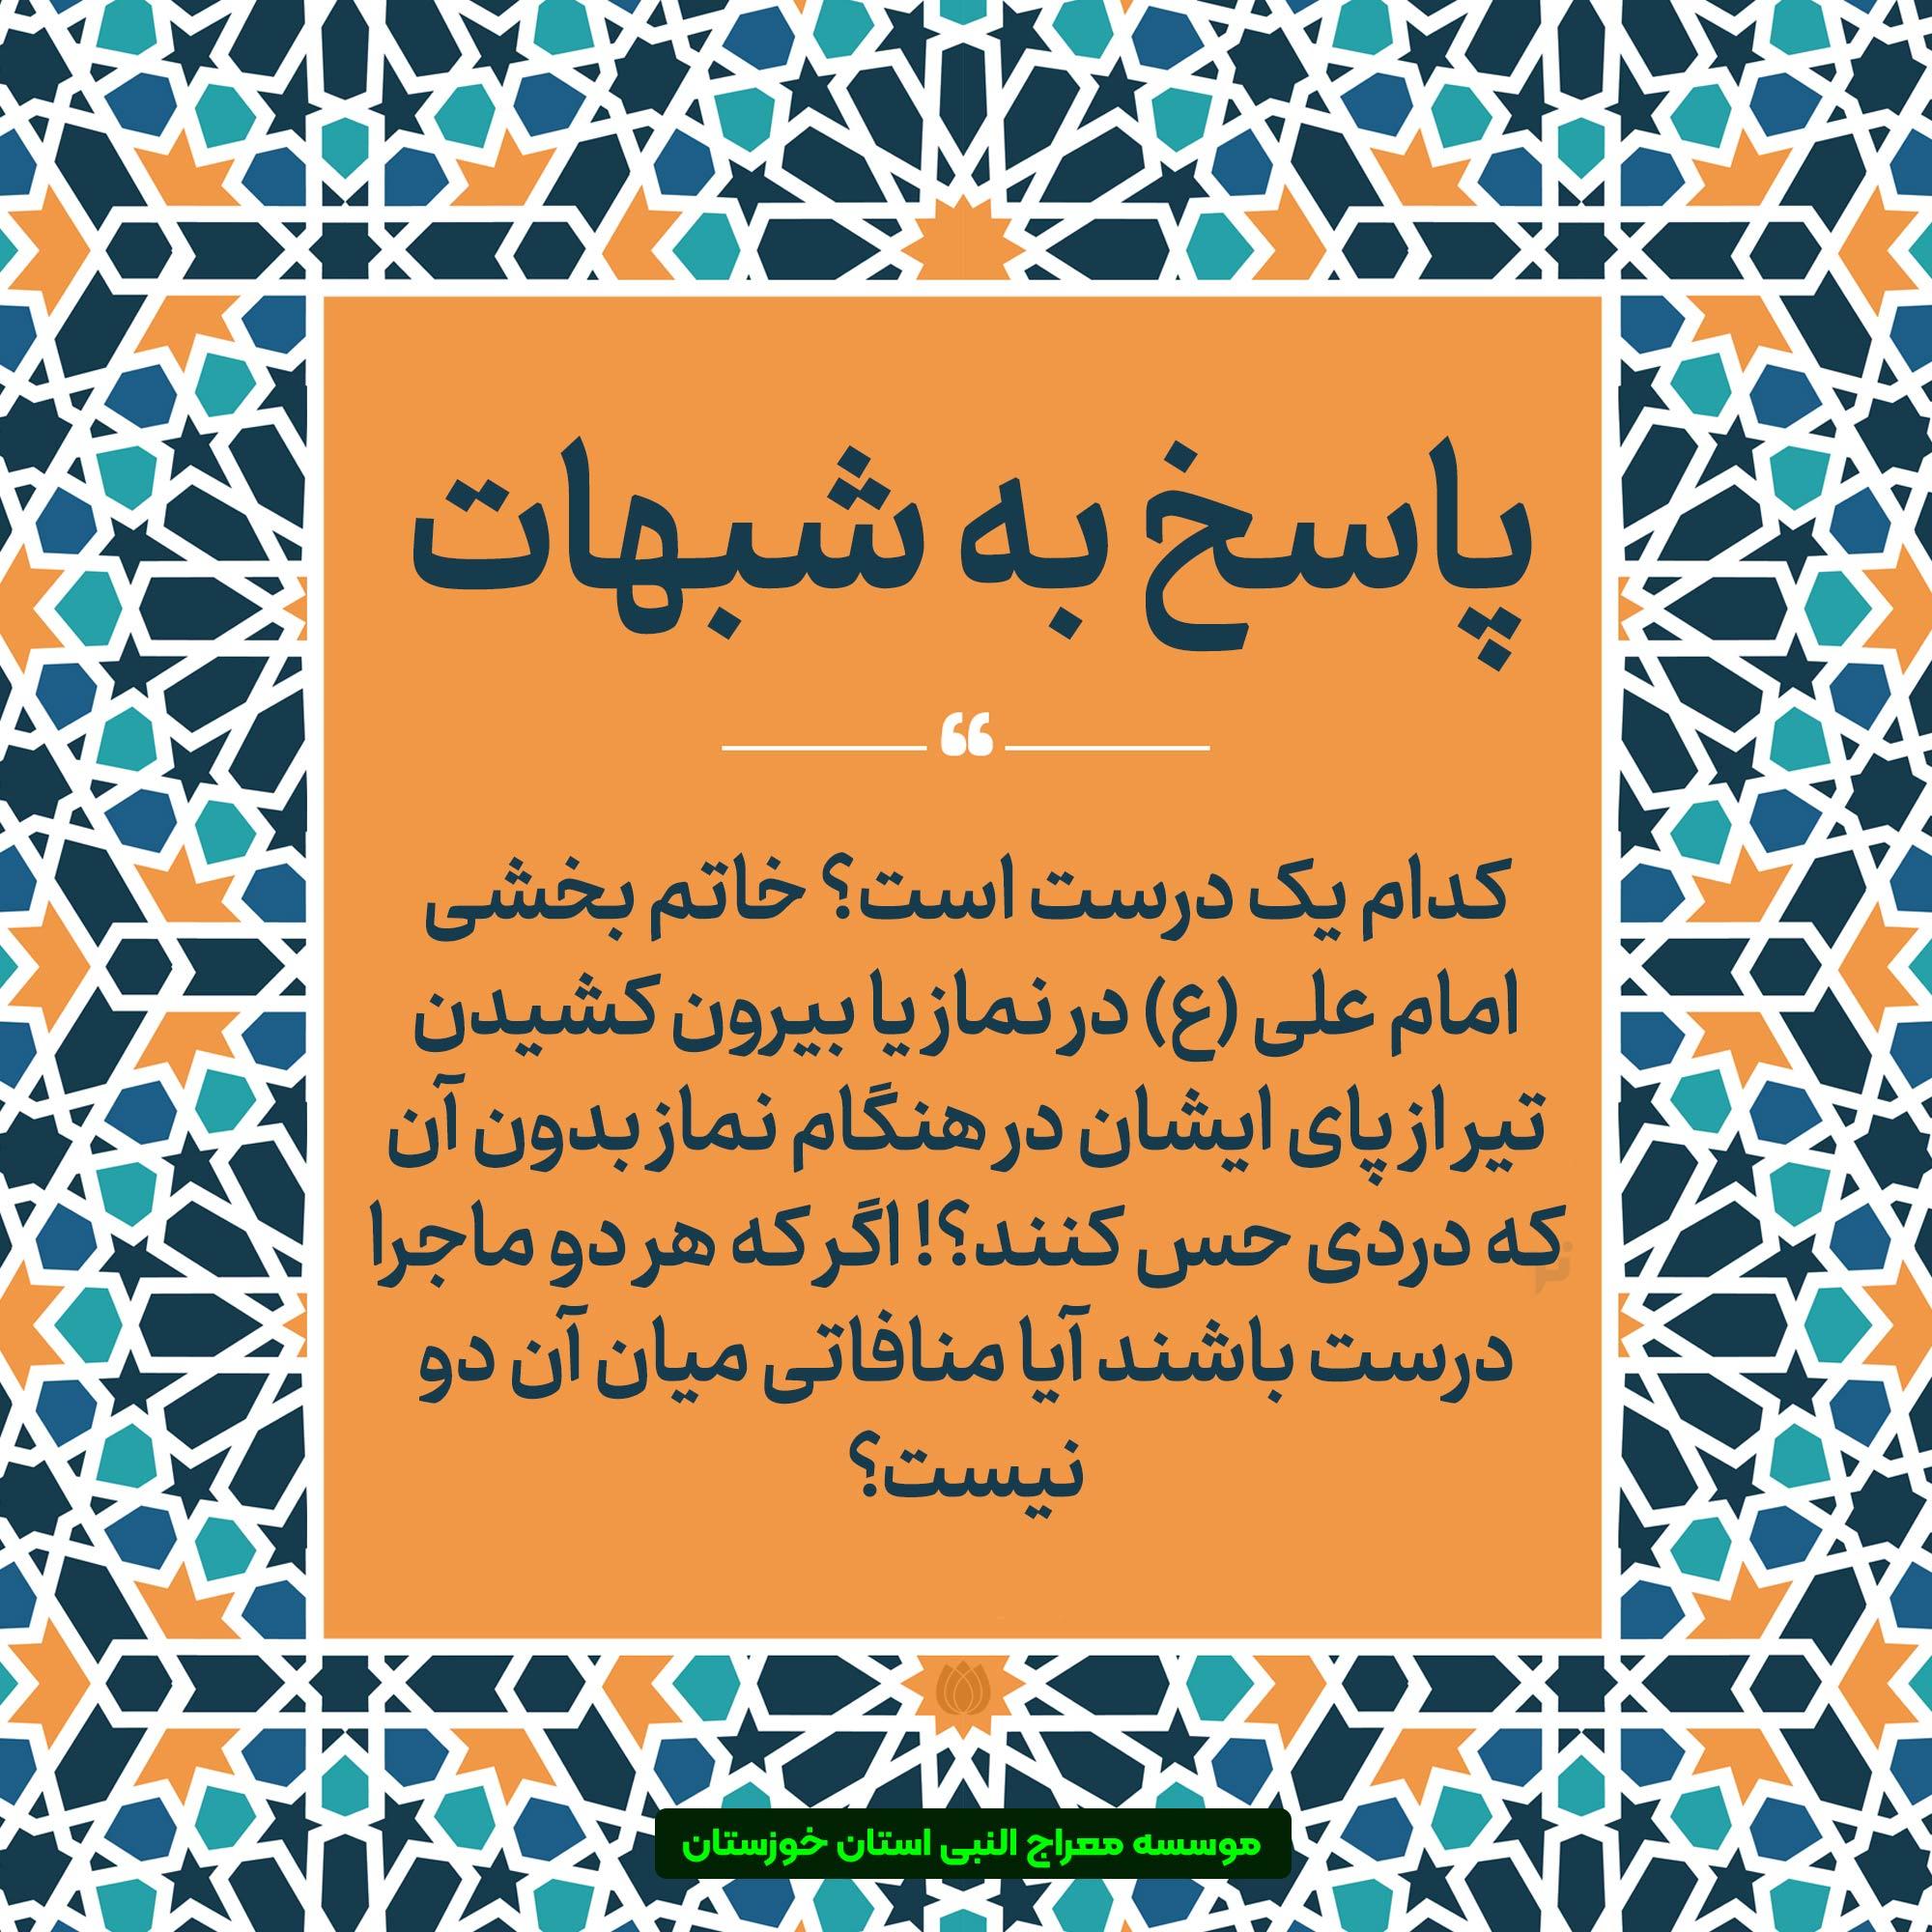 منافات میان خاتم بخشی امام علی (ع) و بیرون کشیدن تیر از پای ایشان در نماز (پاسخ به شبهات)